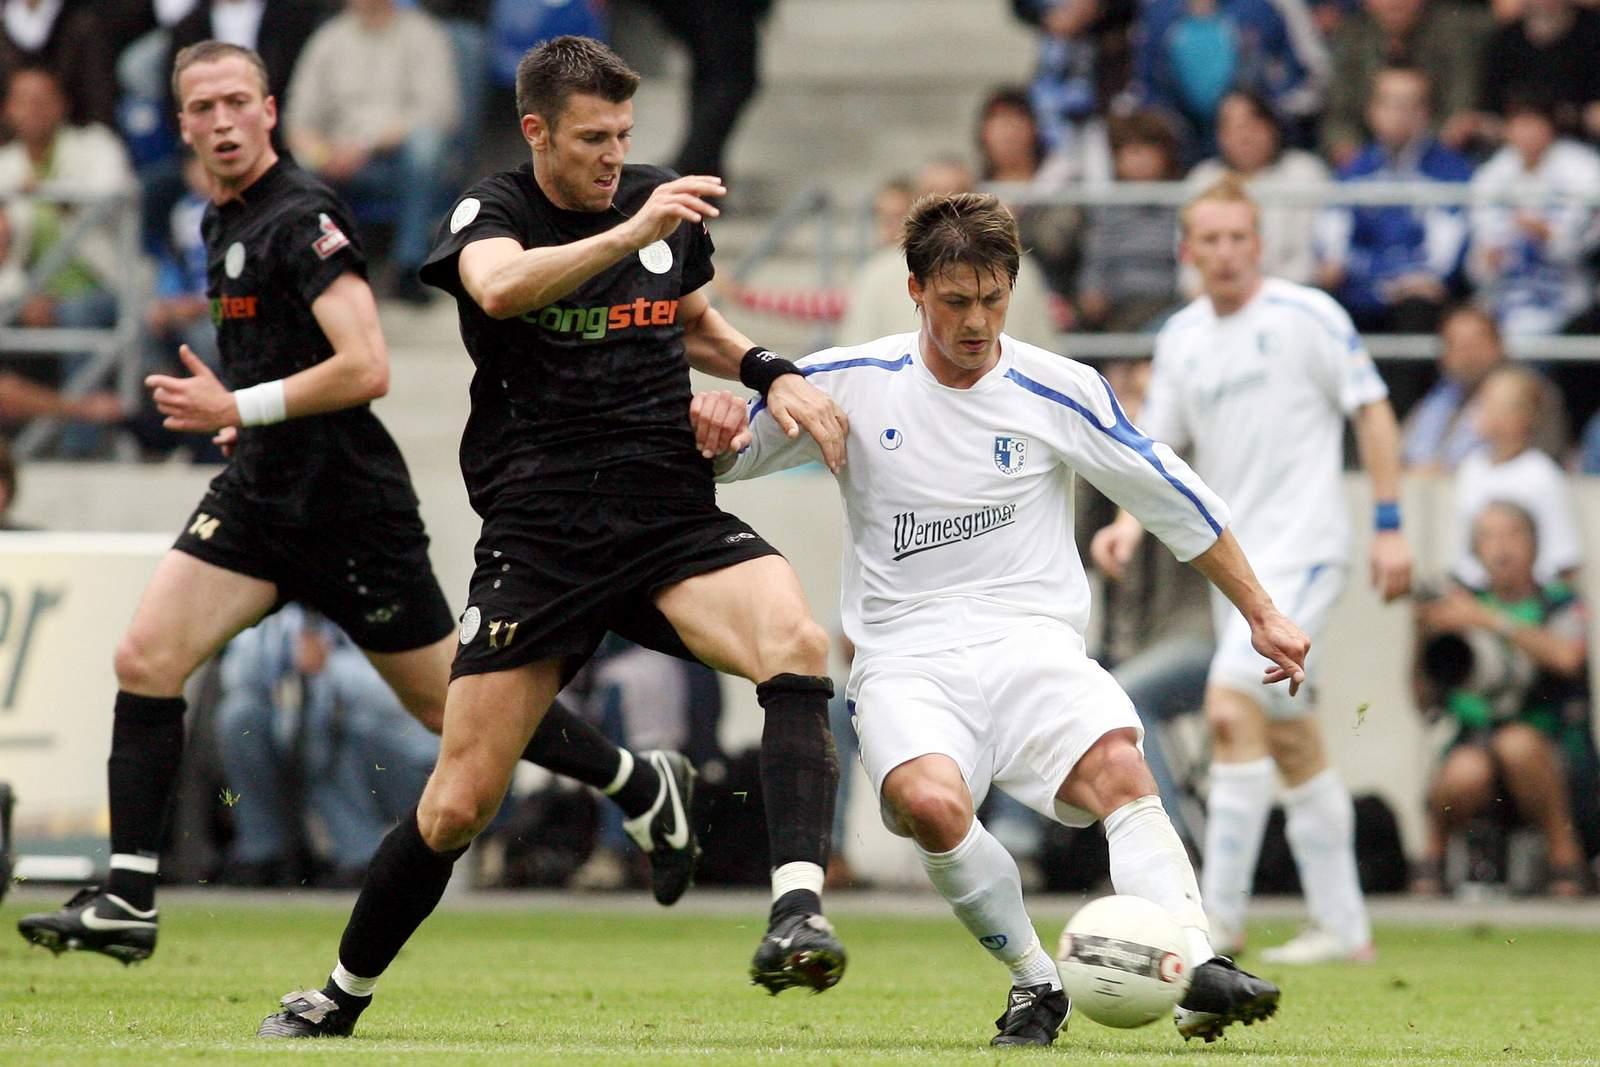 Szene aus dem Jahr 2007: Fabian Boll im Zweikampf mit Björn Lindemann. Jetzt auf Magdeburg gegen St. Pauli wetten.